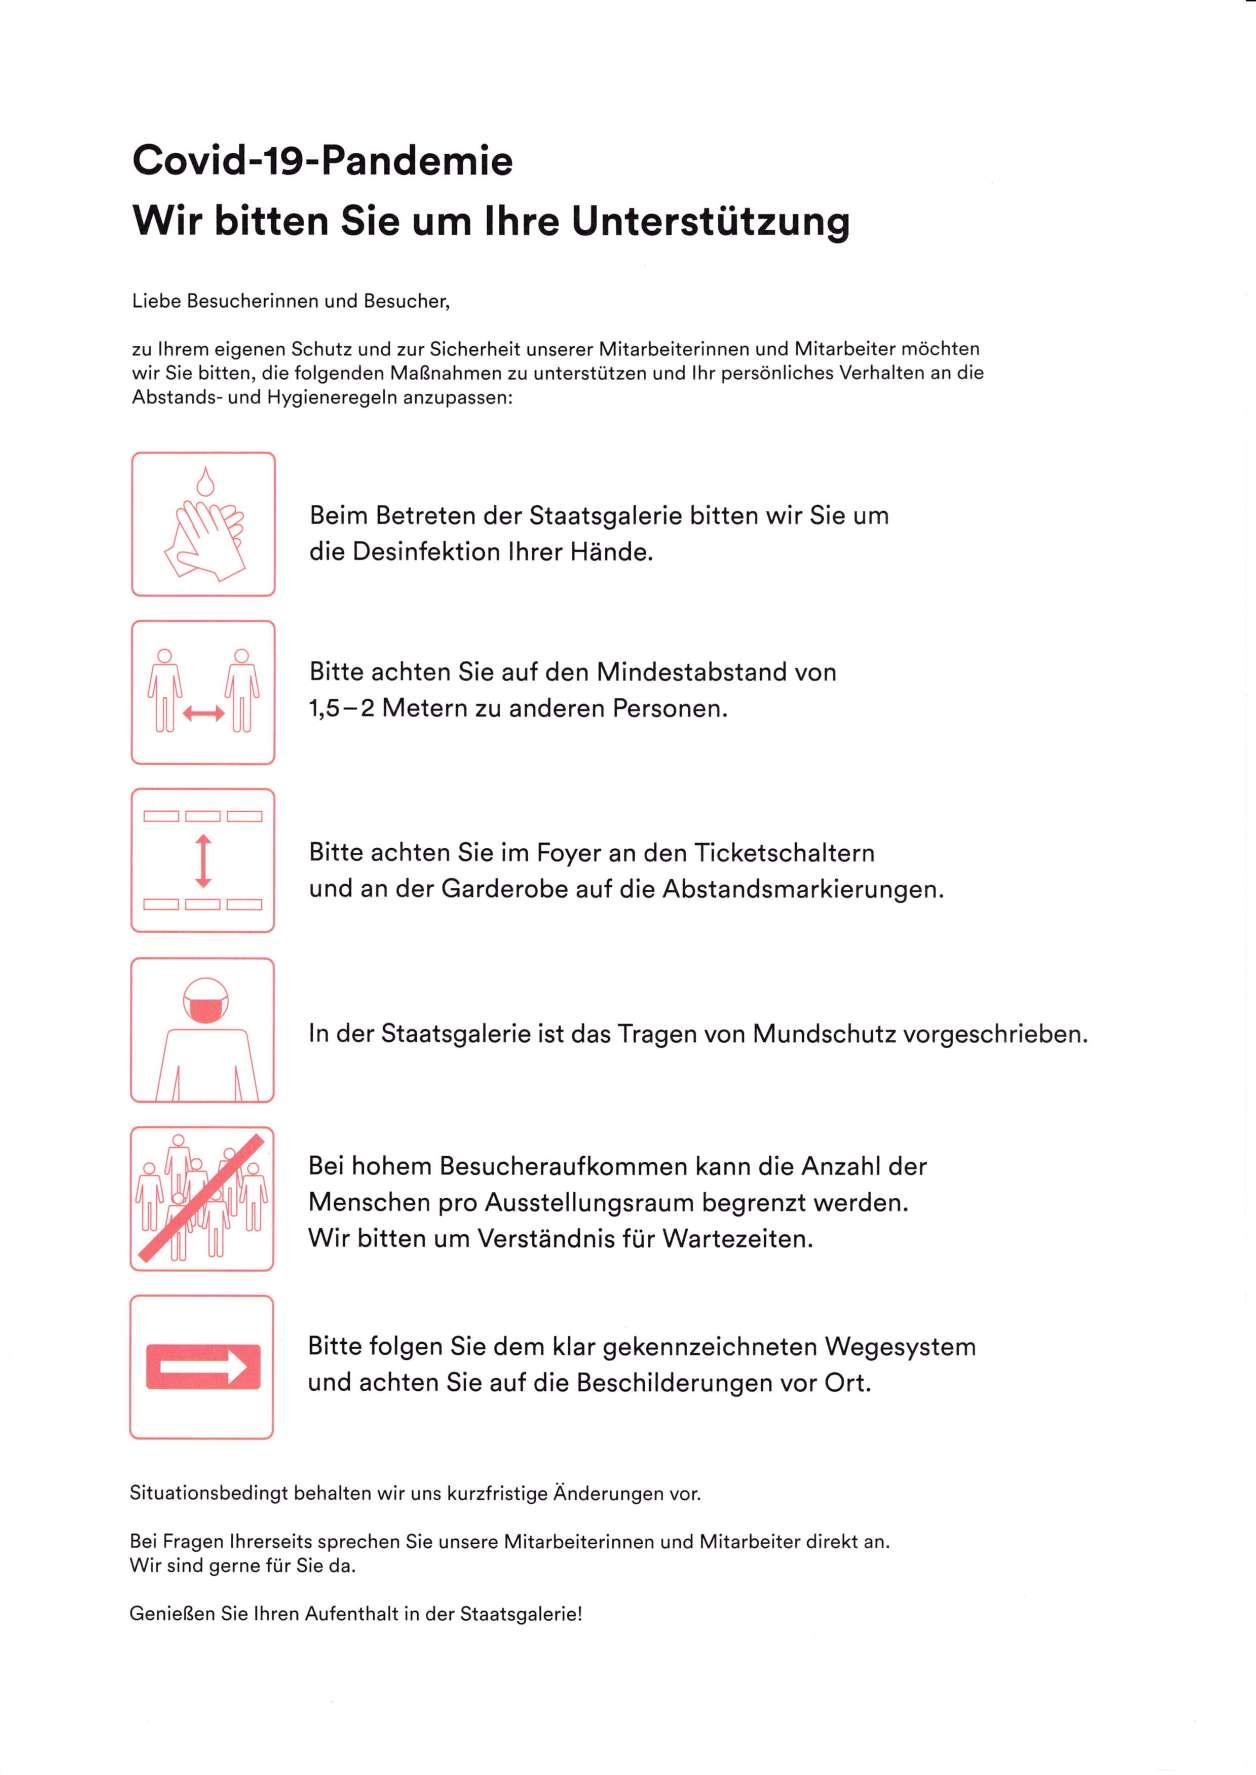 シュトゥットガルト国立美術館、館内地図の裏面、コロナ感染防止の注意書き ©Stuttgart Staatsgalerie